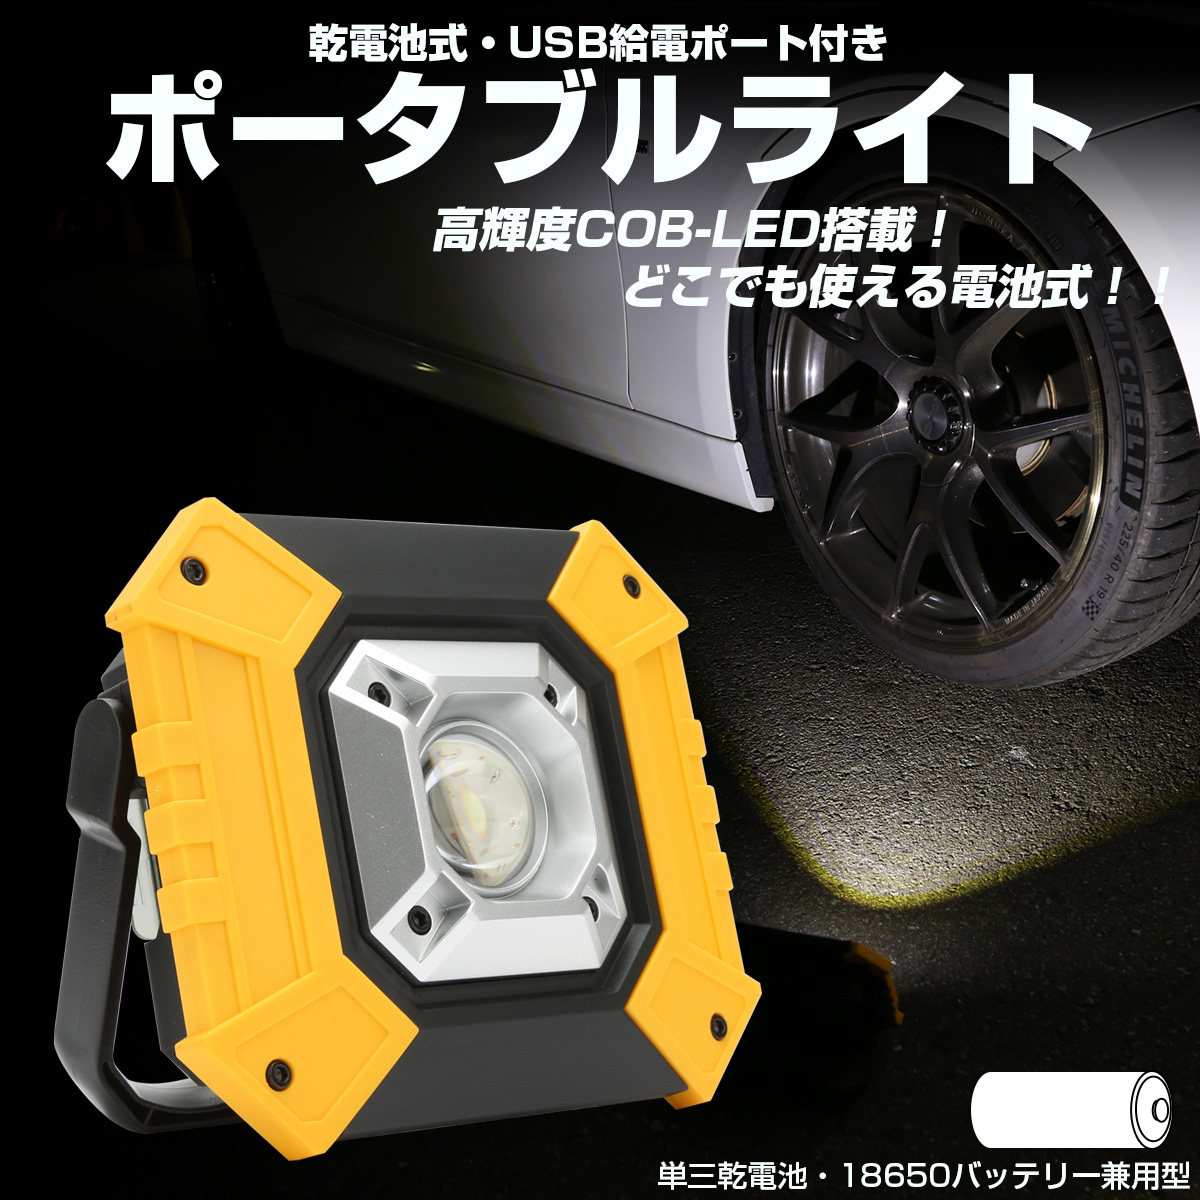 LED ポータブルライト 10W COB 乾電池 18650バッテリー兼用 懐中電灯 ワークライト USB出力ポート付 Y-125